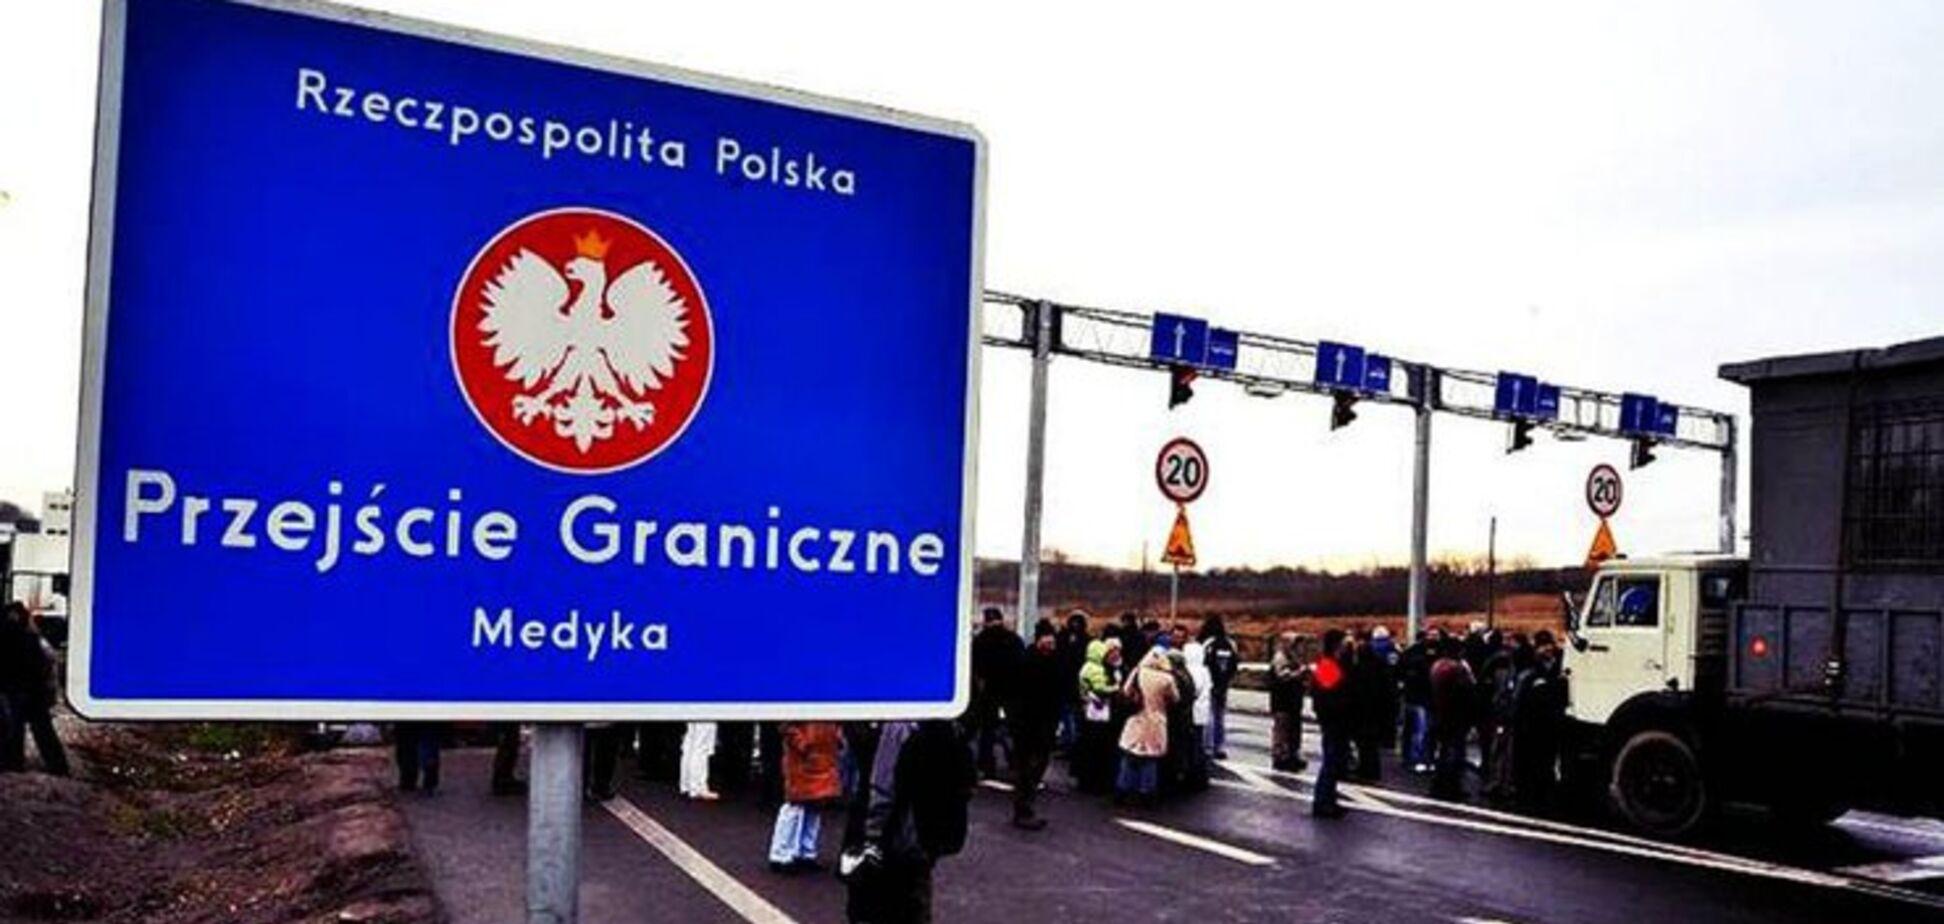 Це не біженці! Омбудсмен пояснила наплив українців до Польщі